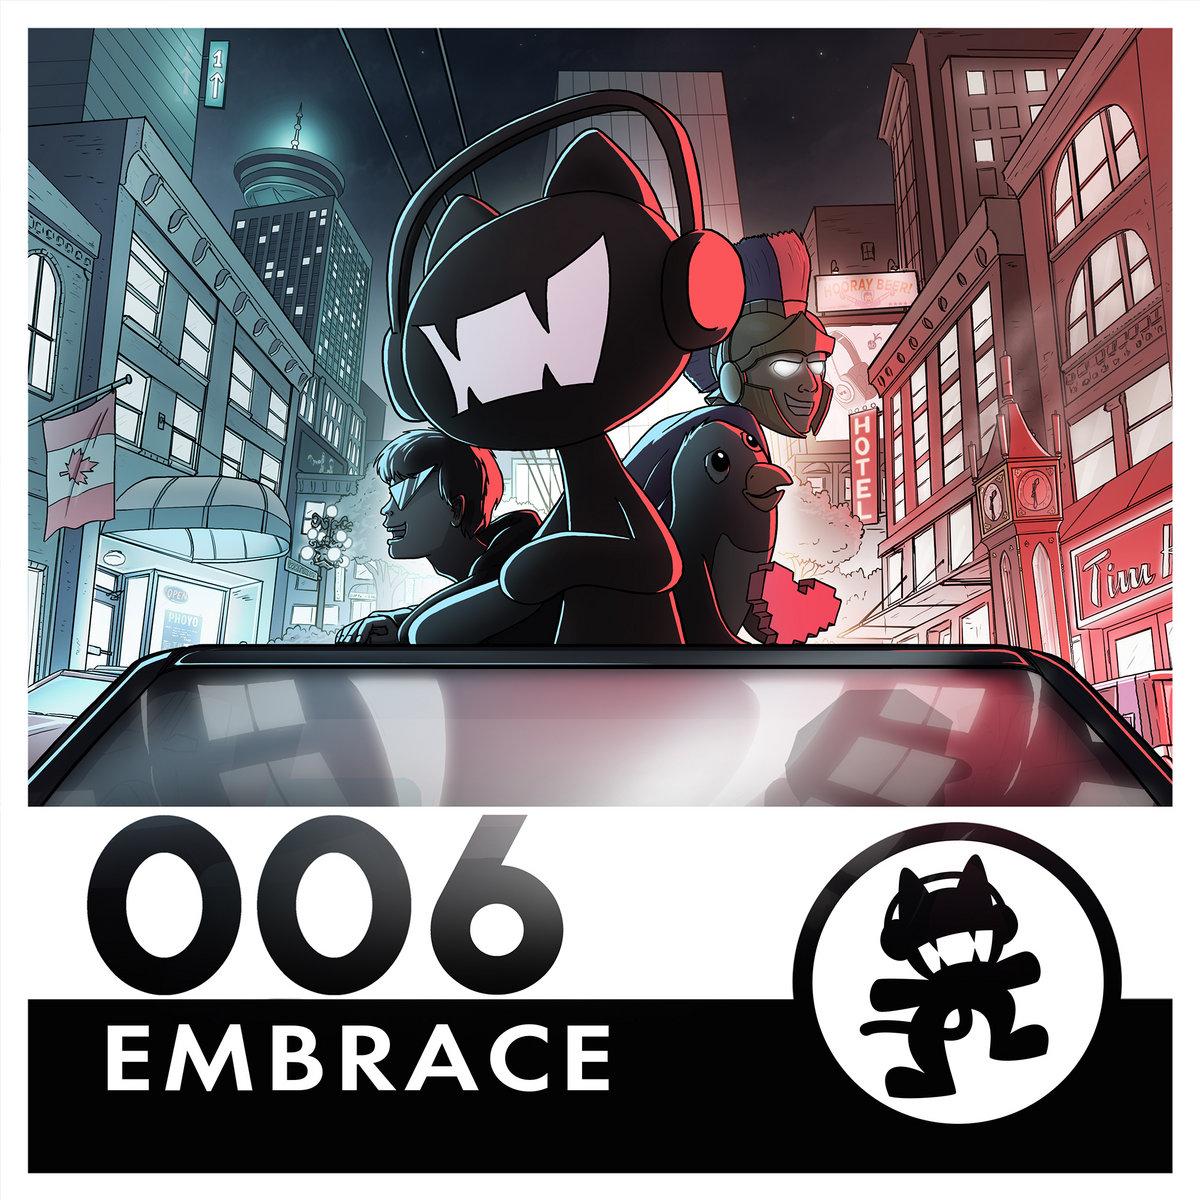 Monstercat 006 Embrace Monstercat